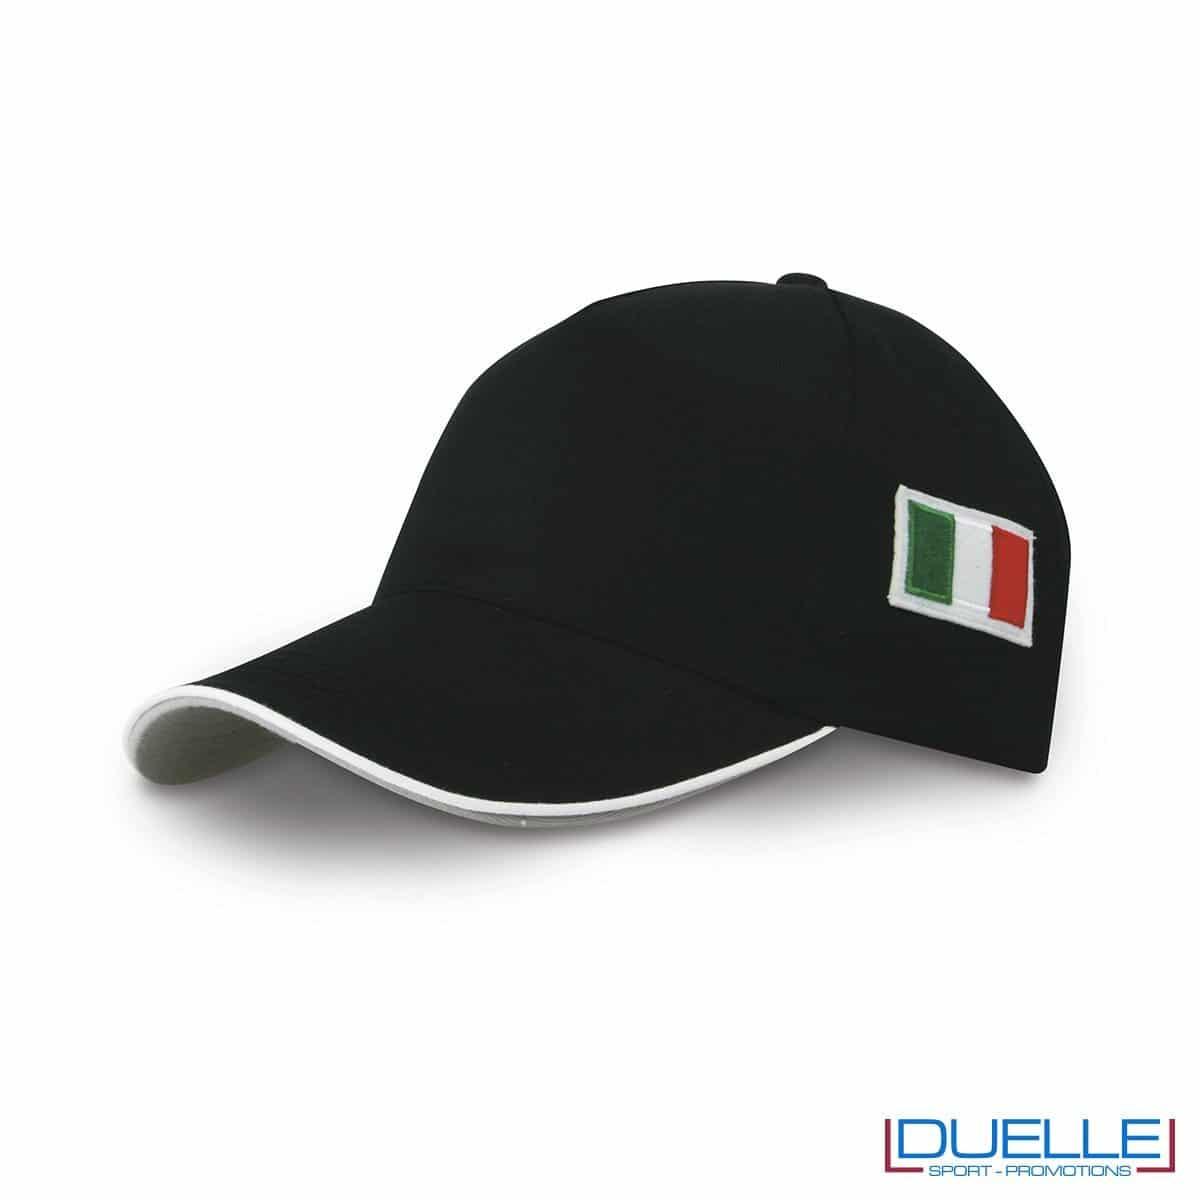 cappellino personalizzato 5 pannelli con bandiera tricolore colore nero